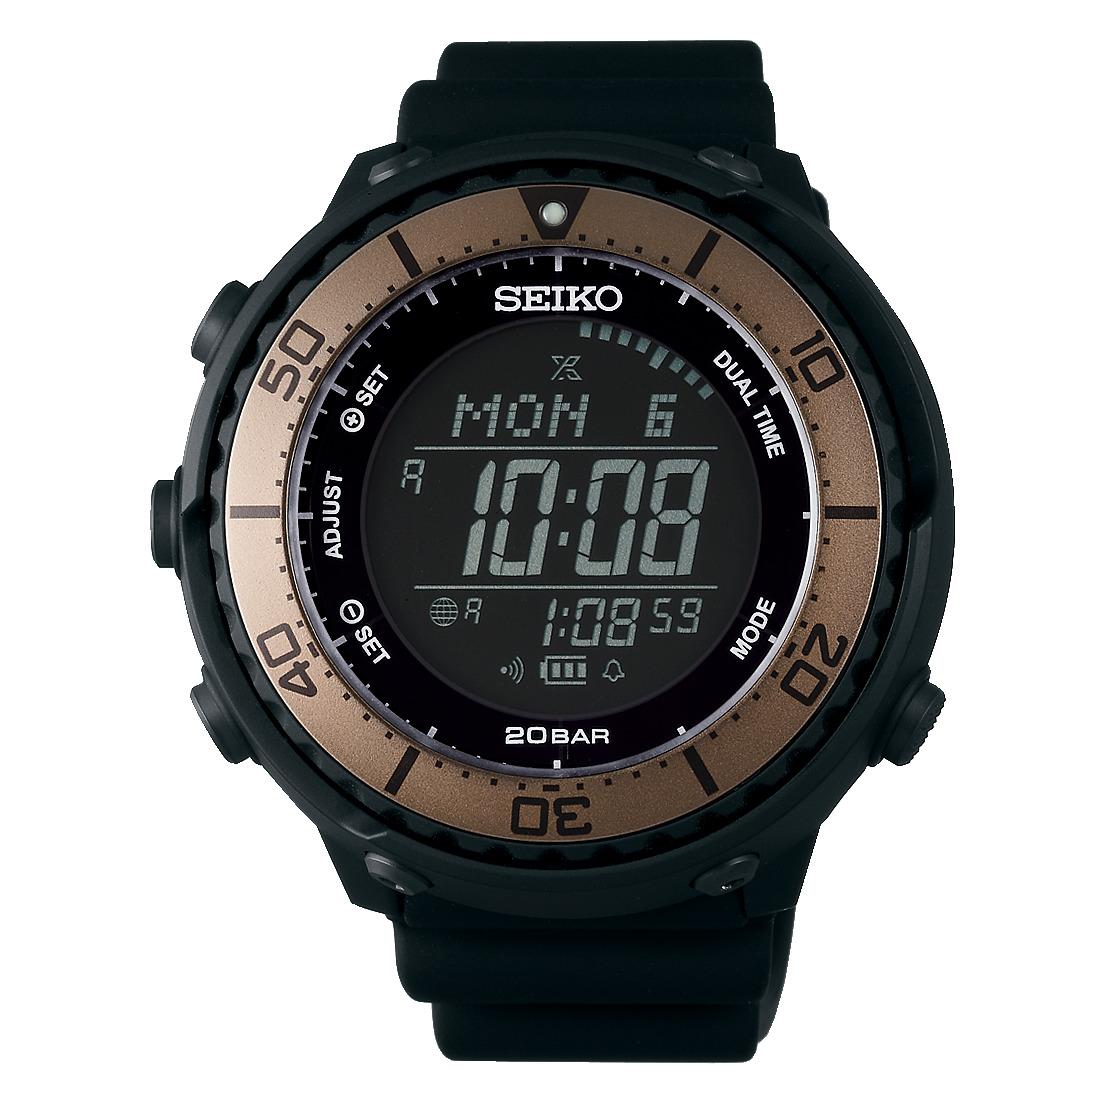 正規品 SEIKO PROSPEX セイコー プロスペックス SBEP025 LOWERCASEプロデュースモデル 腕時計